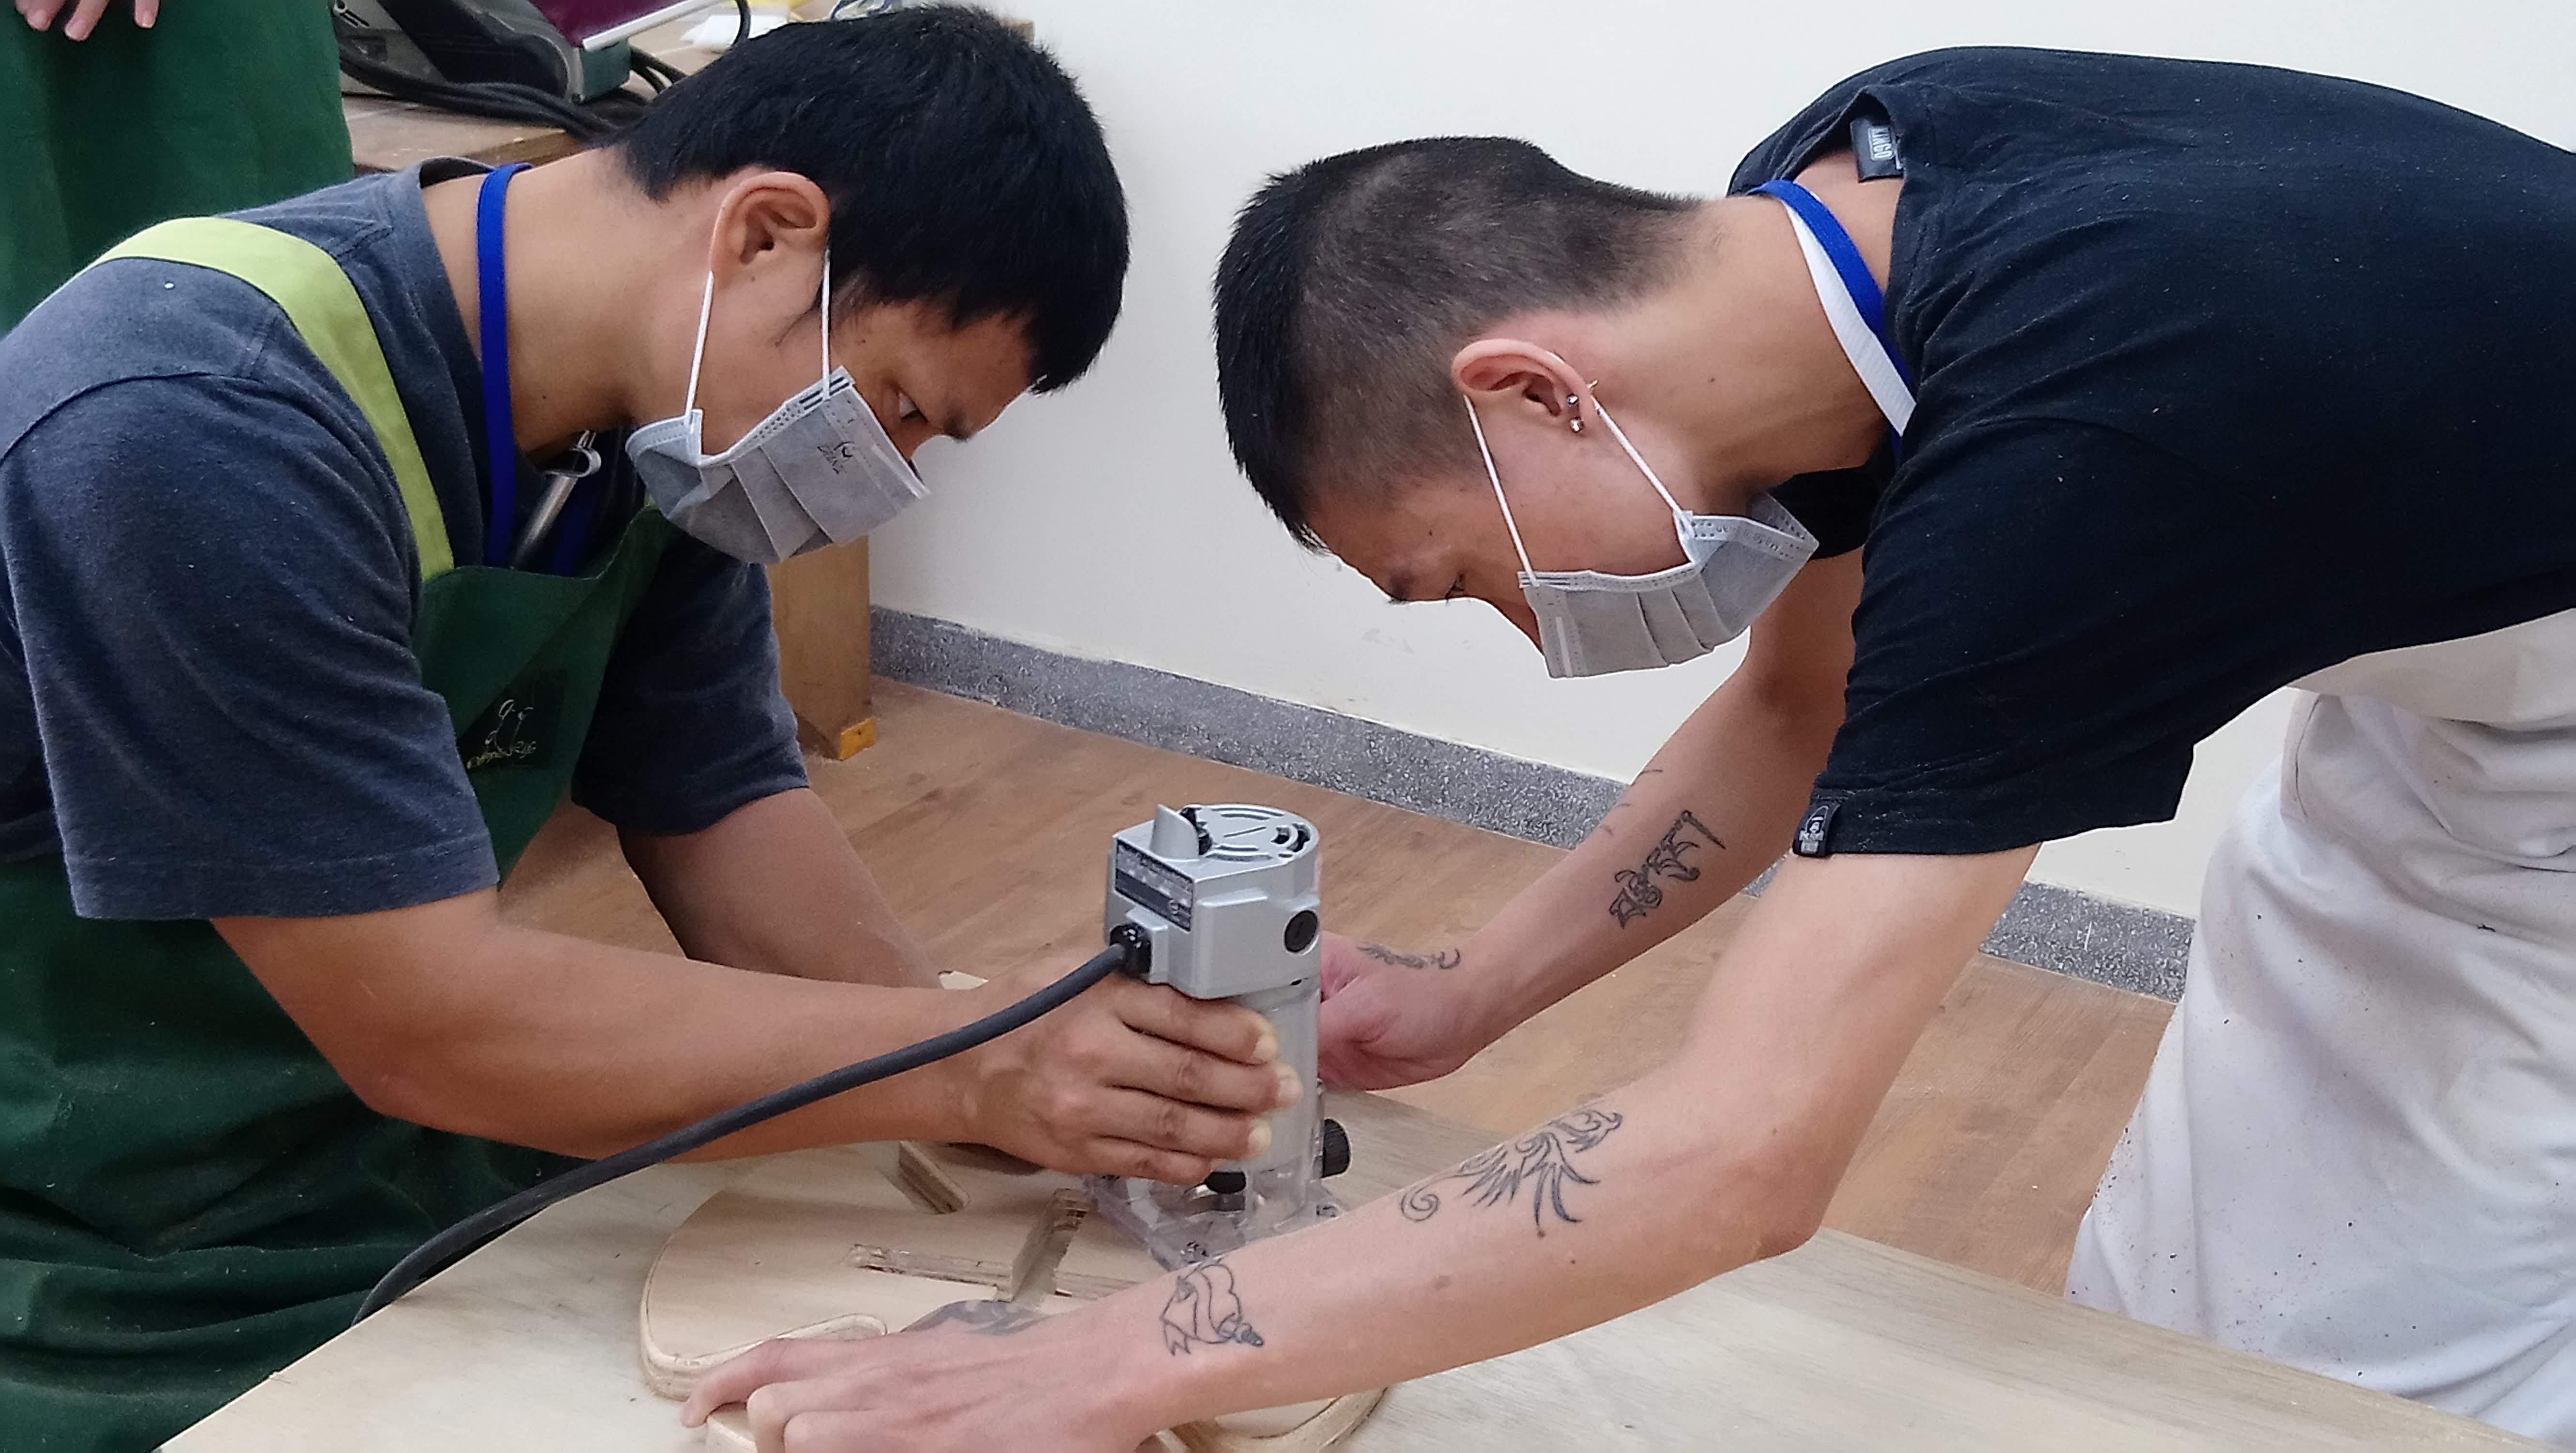 阿德(右)擔任小老師,指導同學操作打磨修邊機具。